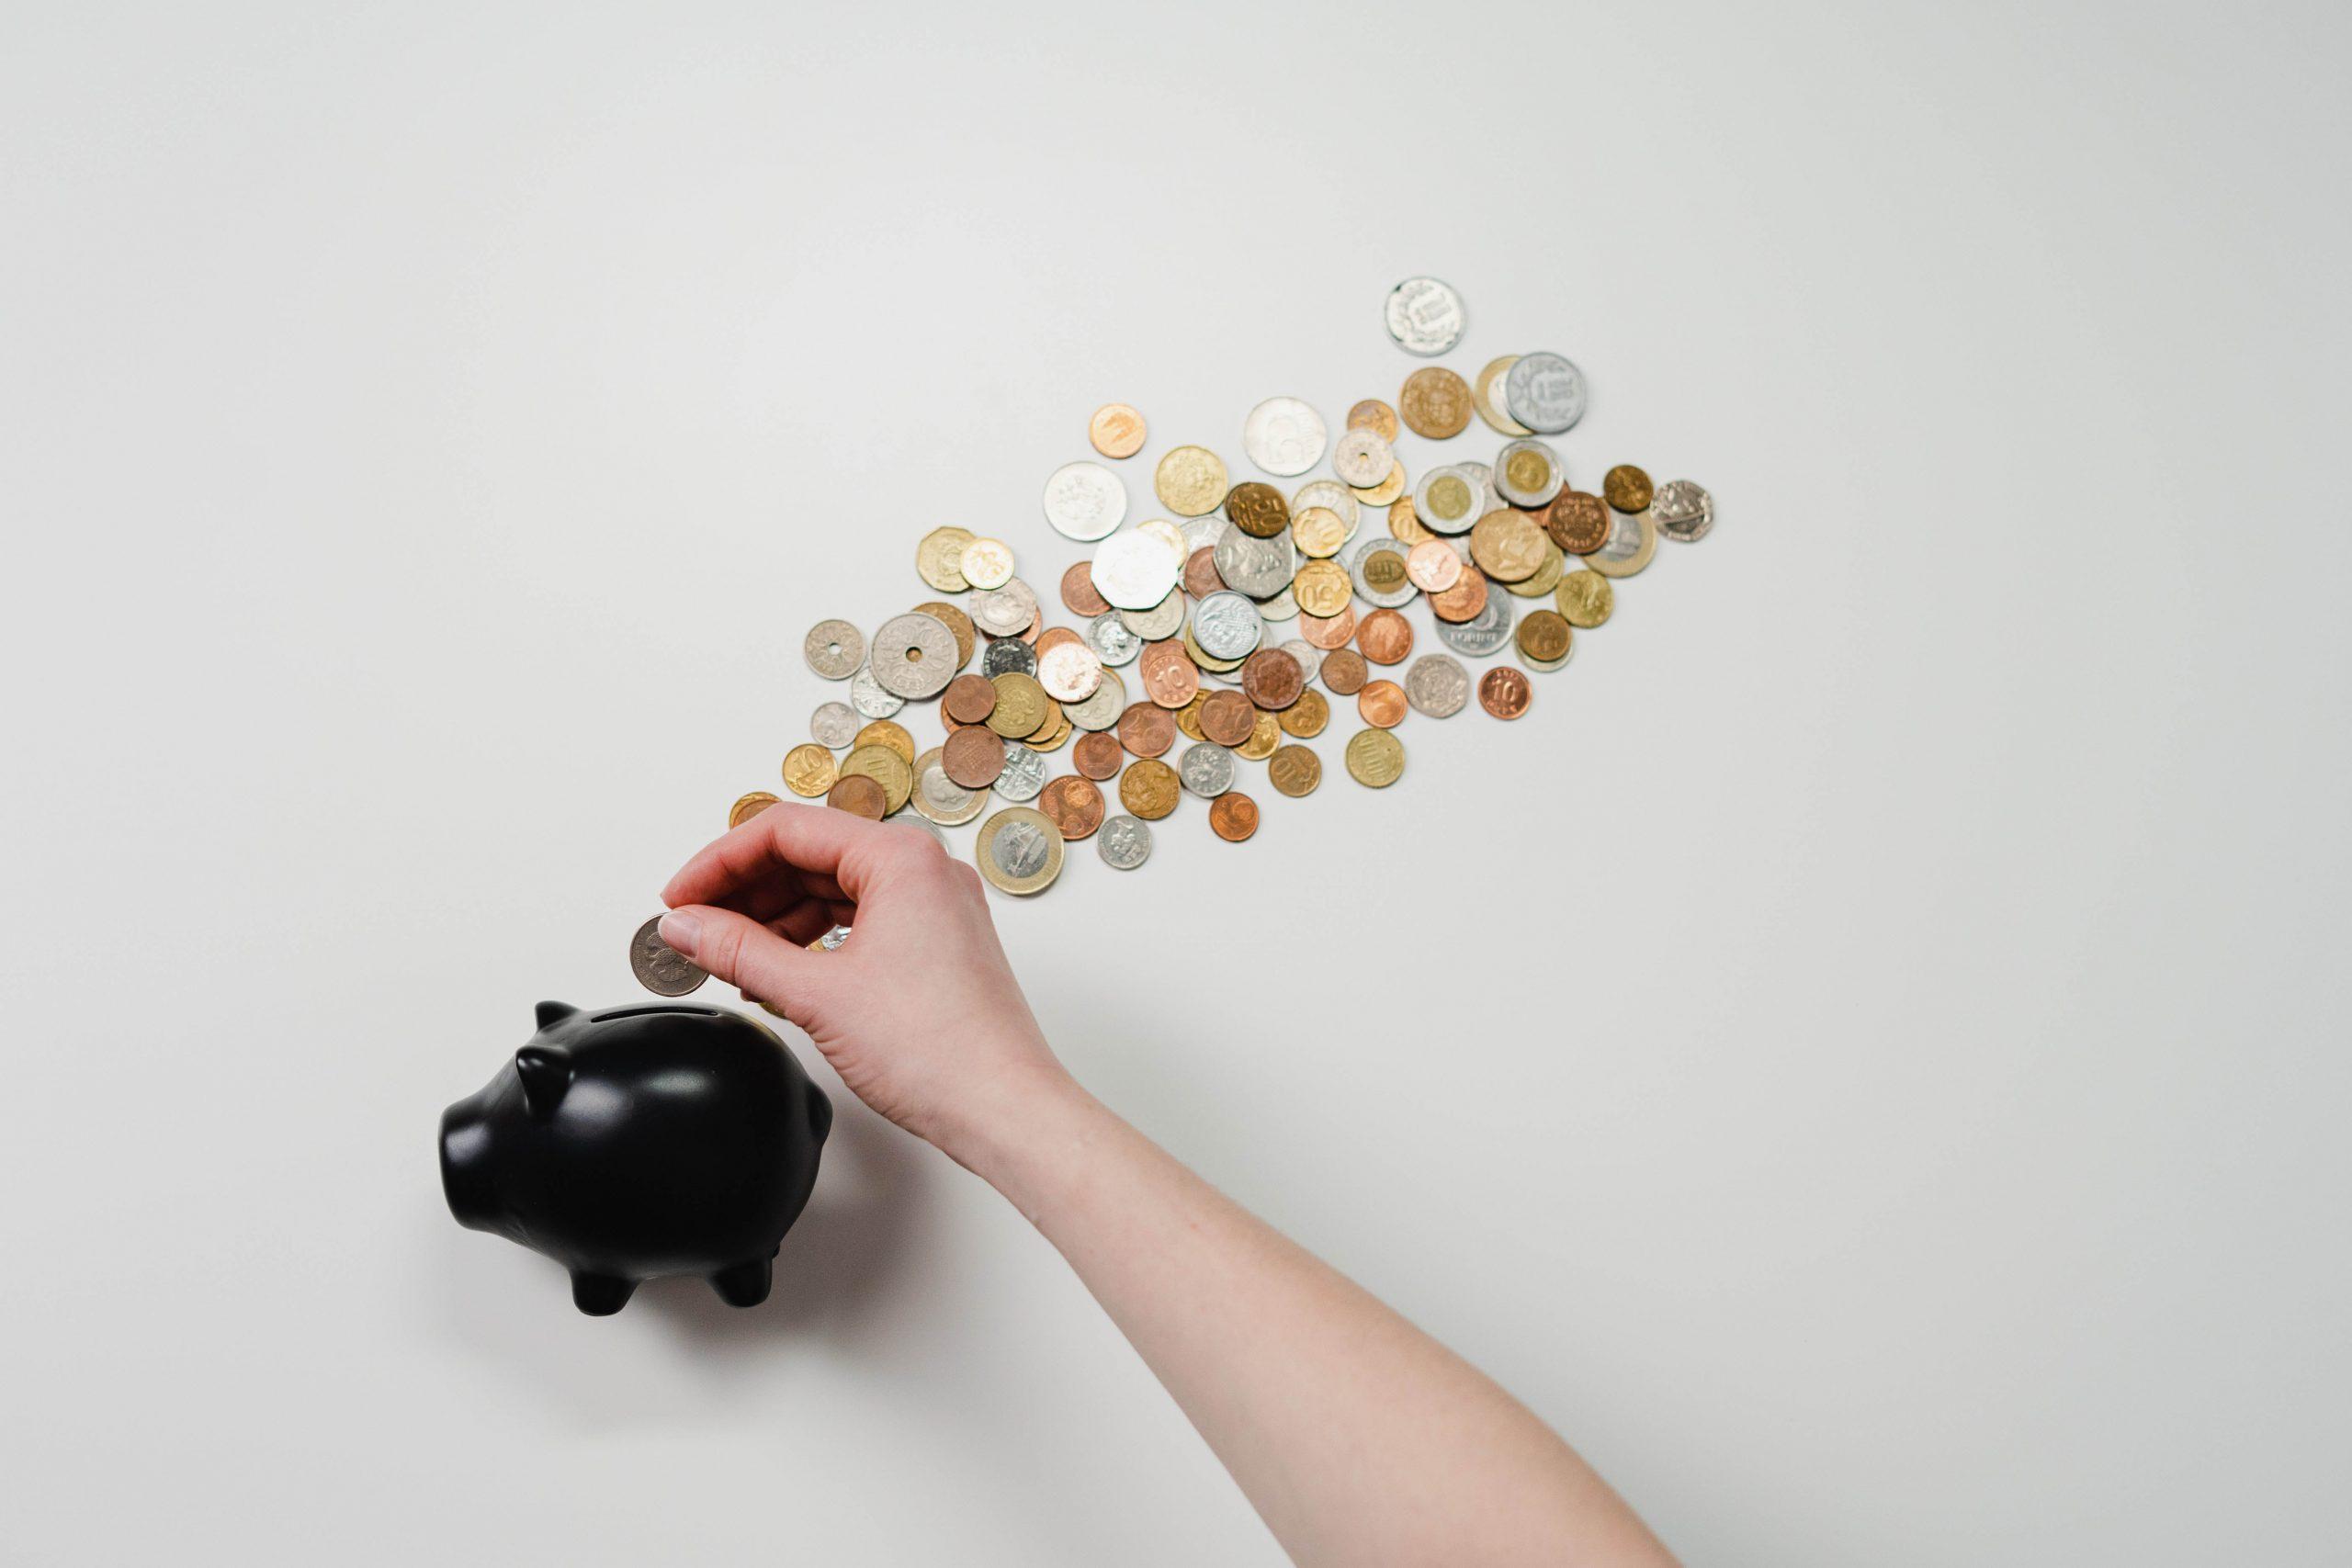 geld besparen tips